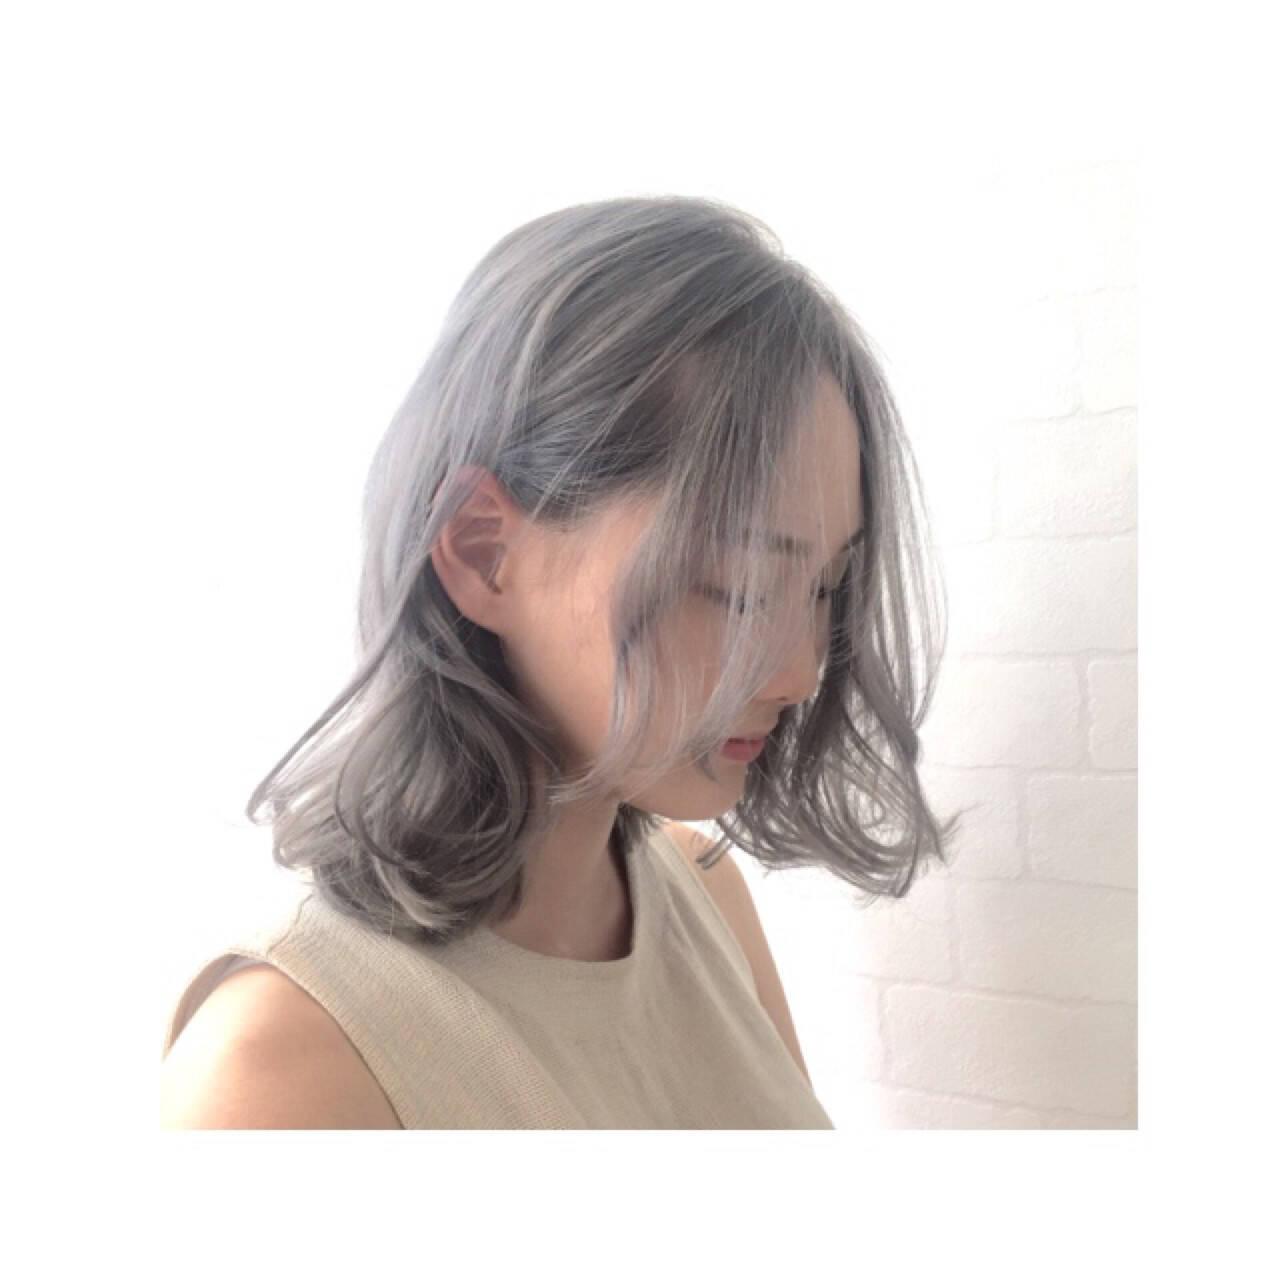 ストリート グラデーションカラー 外国人風 ミディアムヘアスタイルや髪型の写真・画像